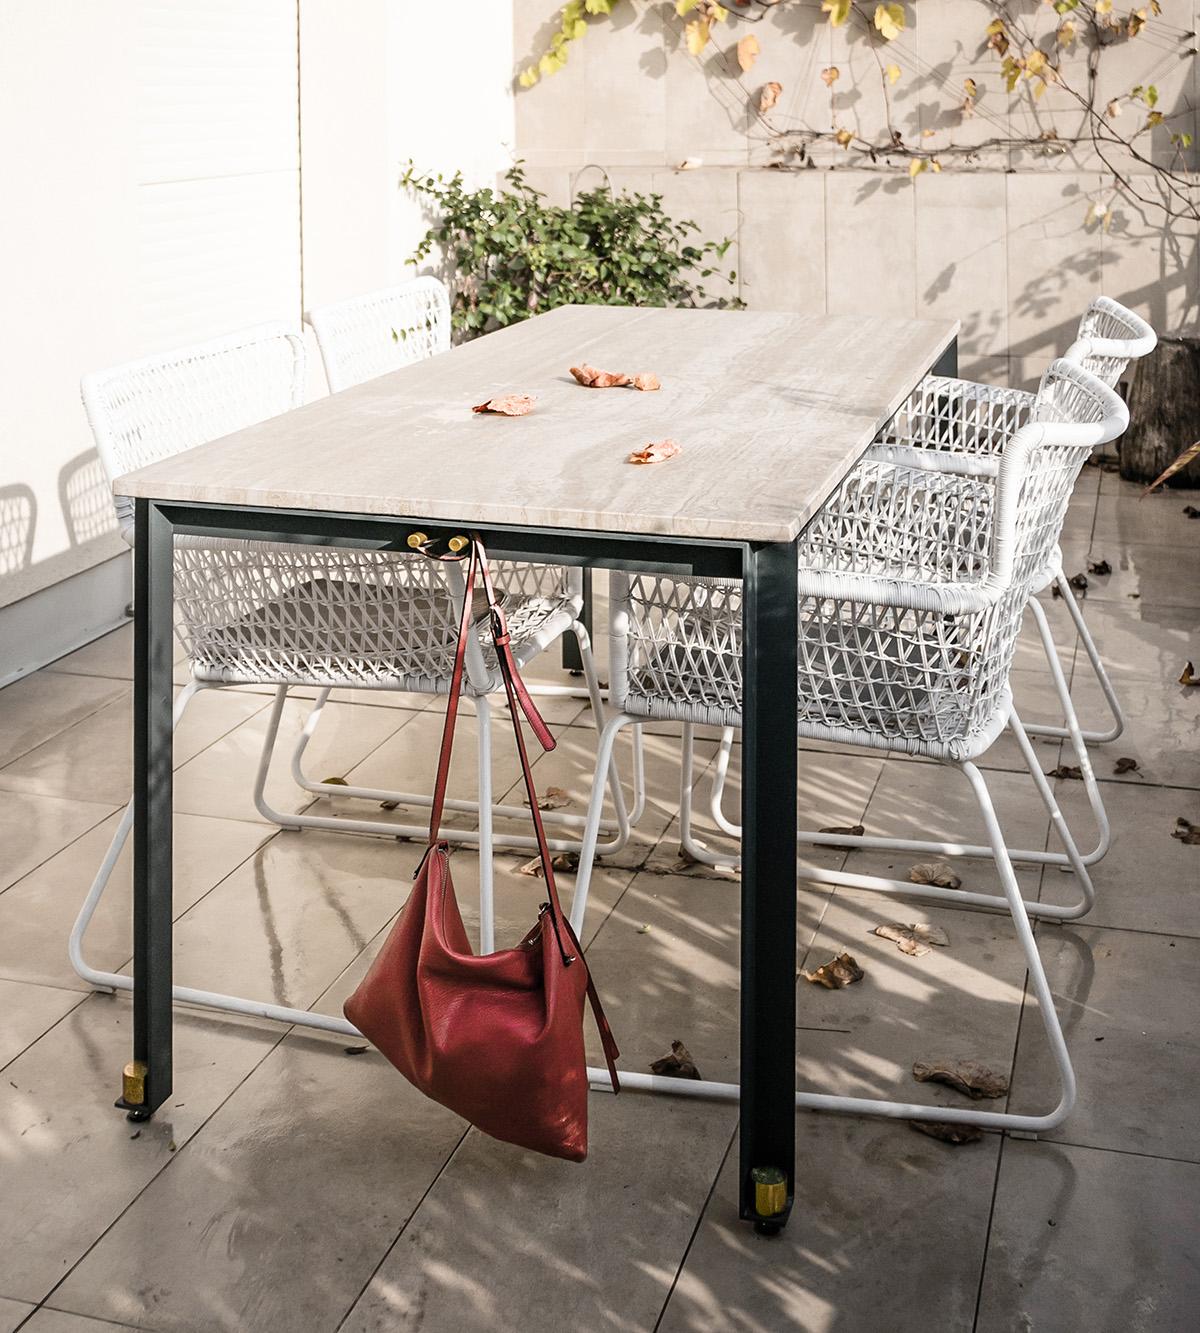 DUCA è un tavolo composto da tre elementi: un piano di marmo, una linea ininterrotta di metallo, e una serie coordinata di dettagli a impreziosirlo. Un piccolo capolavoro disponibile su misura e in diverse varianti, coordinate, per interni e esterni | il tavolo vissuto | Bottega di Architettura | (c) Carlo Deregibus